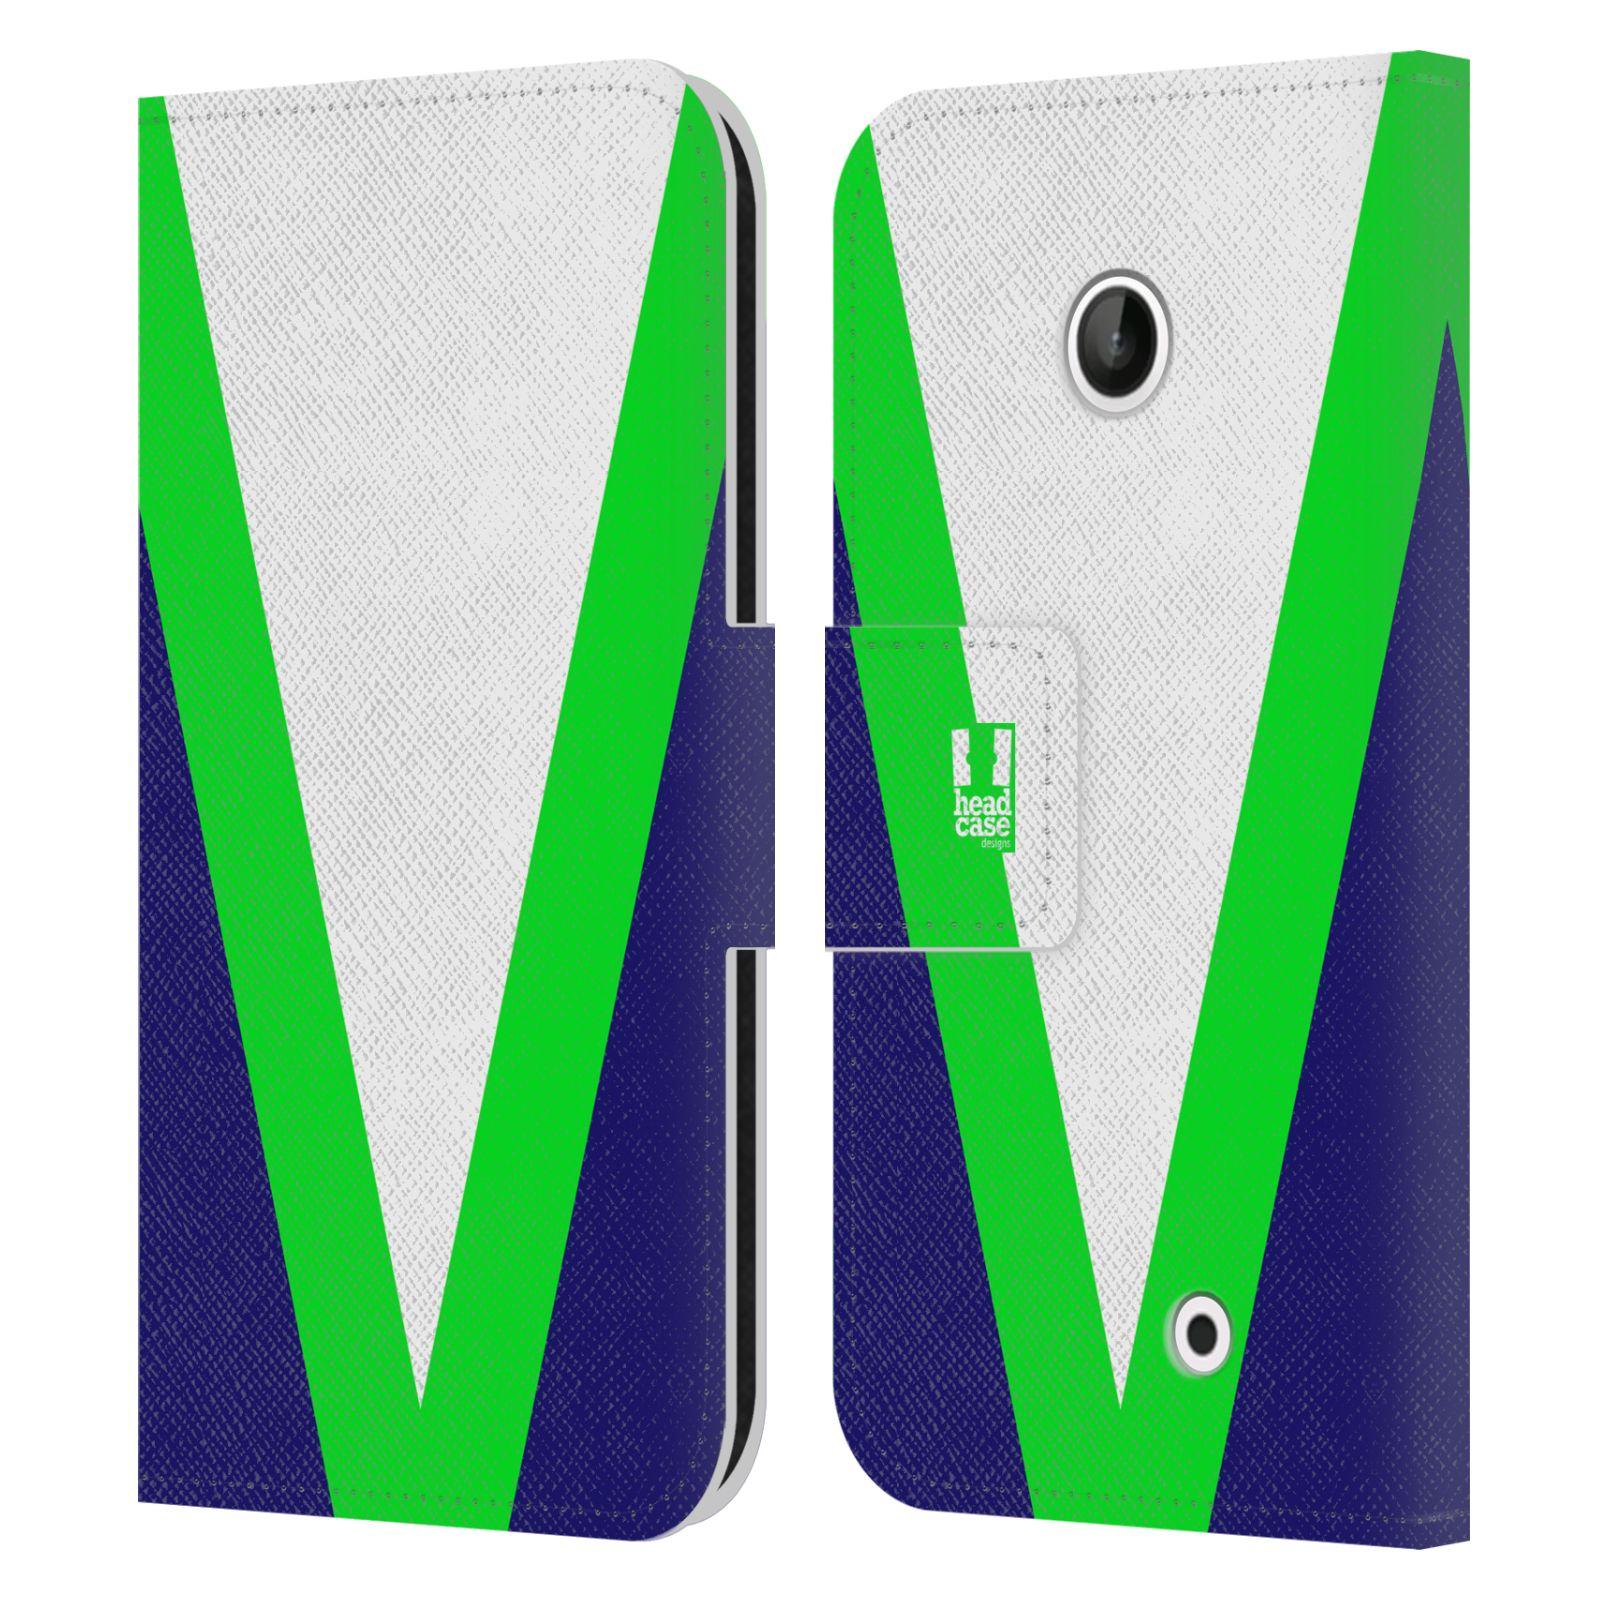 HEAD CASE Flipové pouzdro pro mobil Nokia LUMIA 630/630 DUAL barevné tvary zelená a modrá